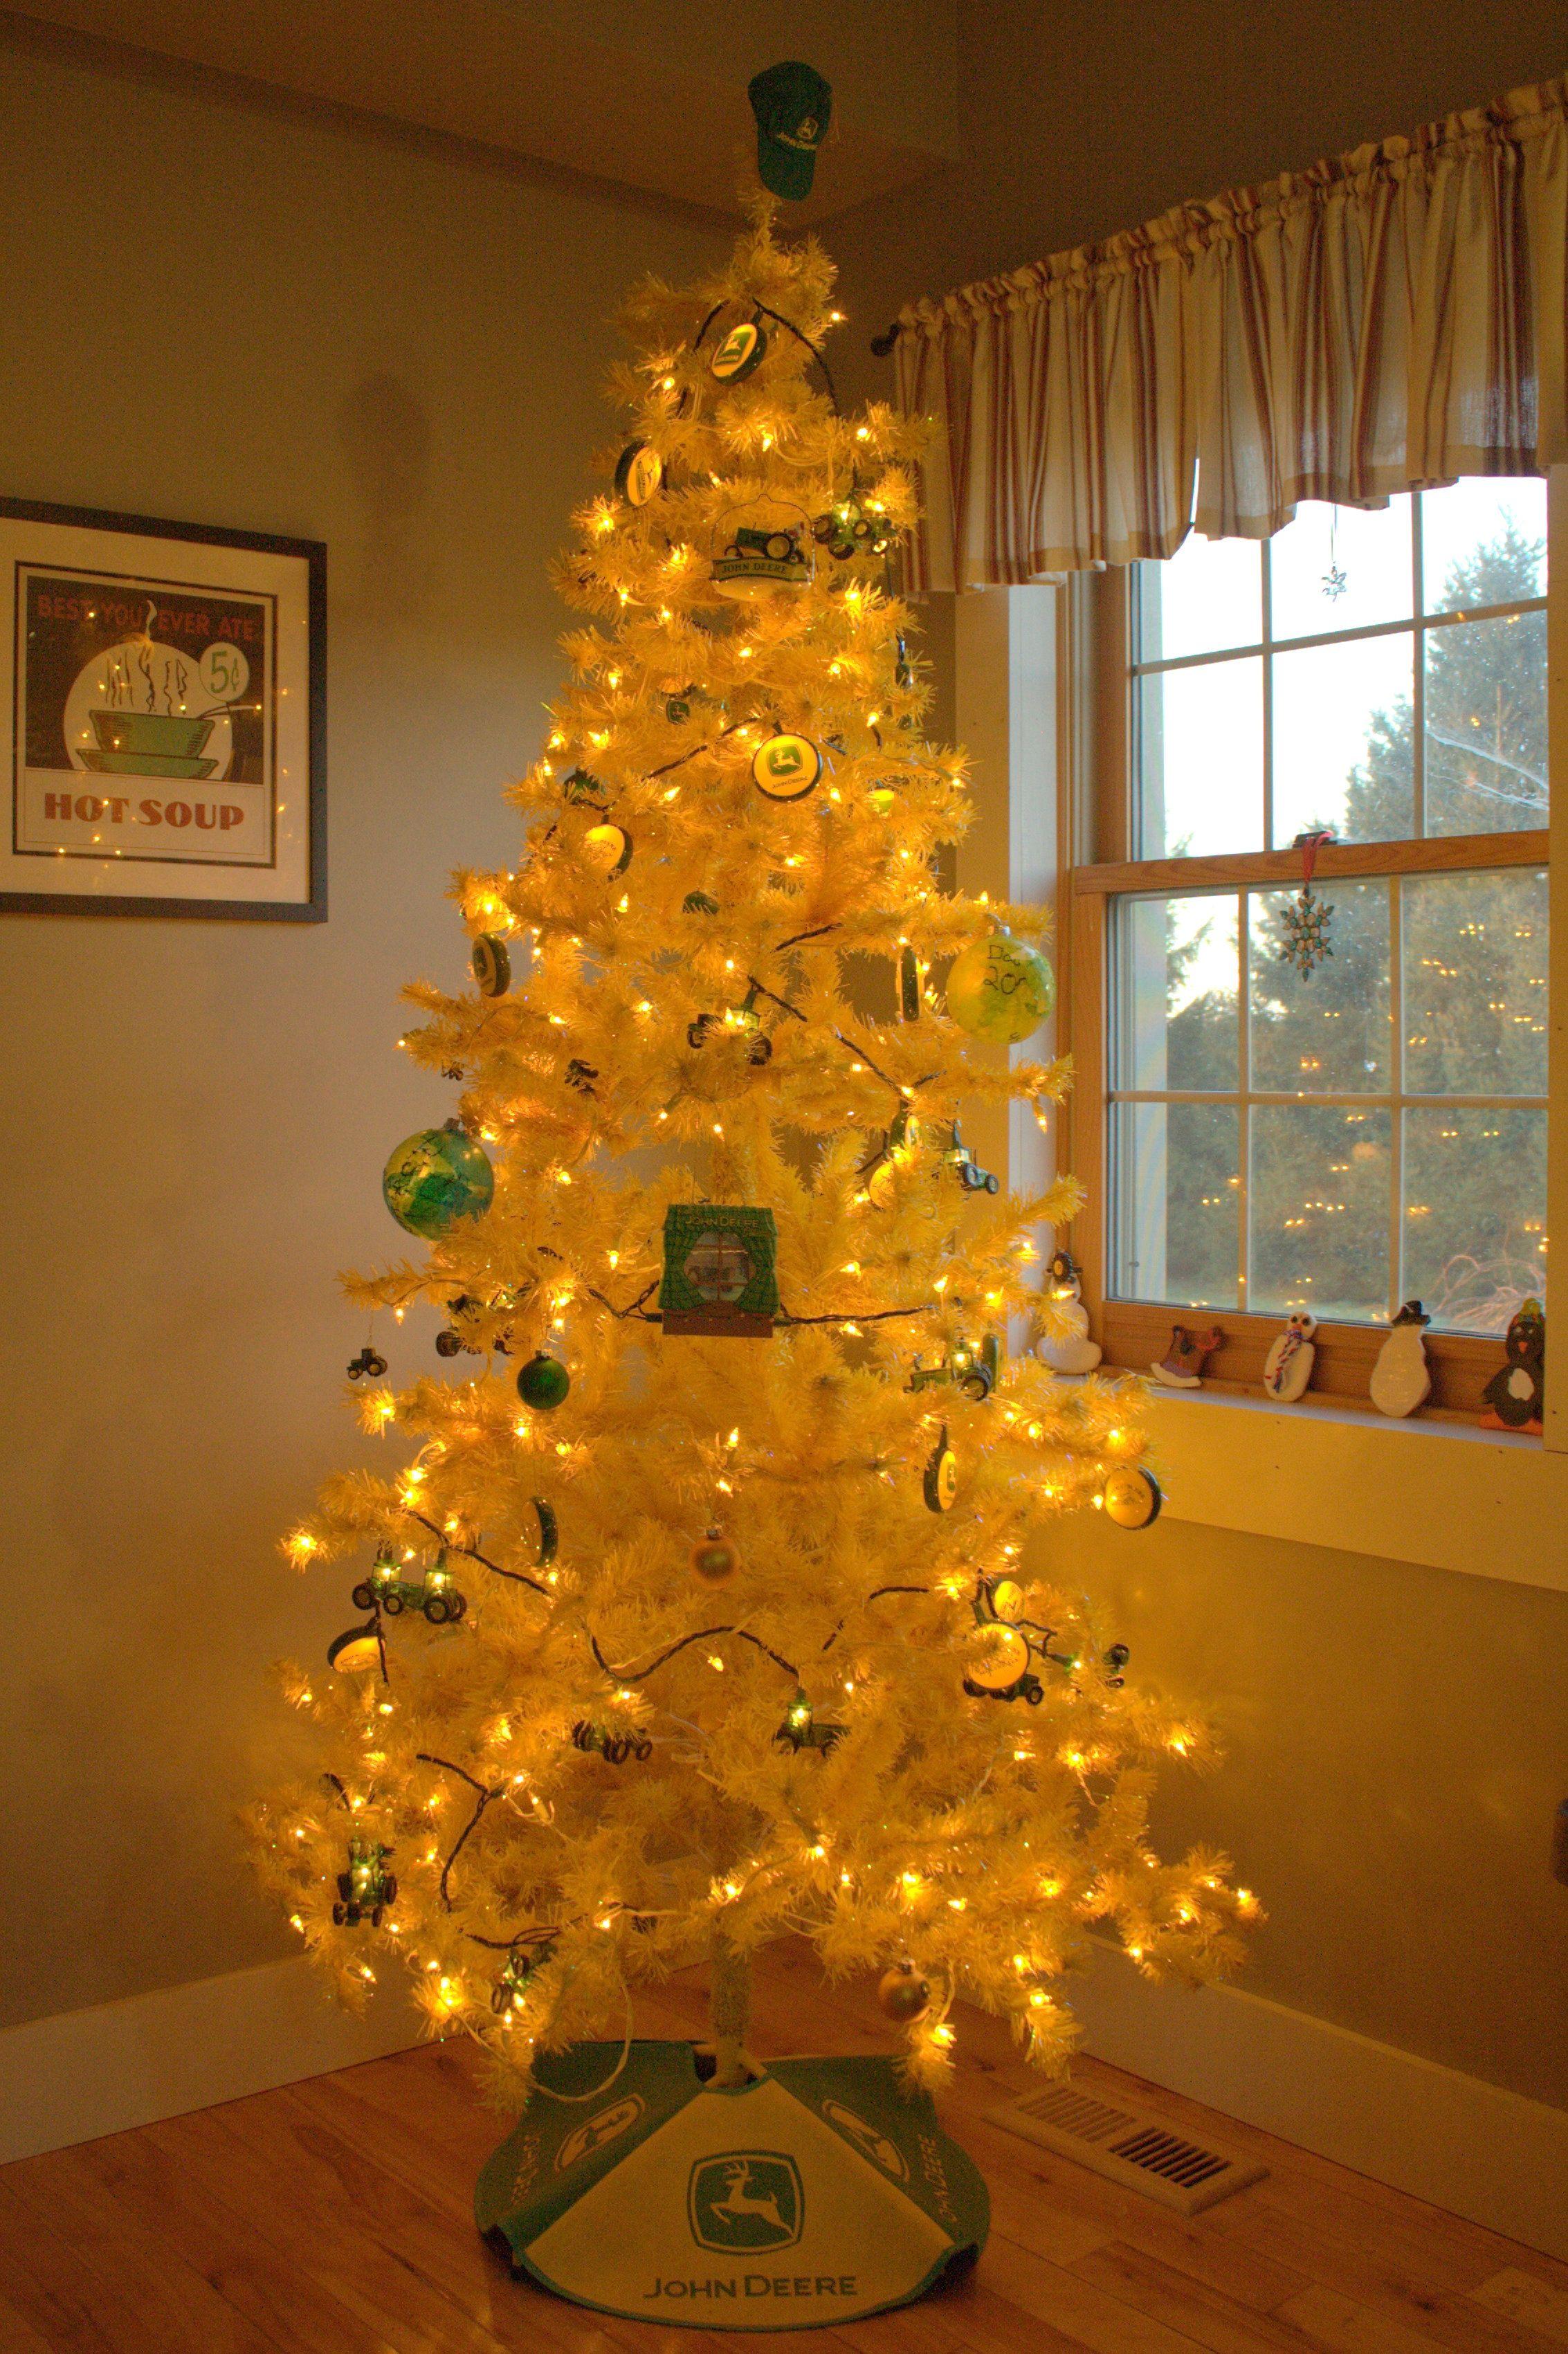 Our John Deere Christmas Tree   John deere Christmas   Pinterest ...